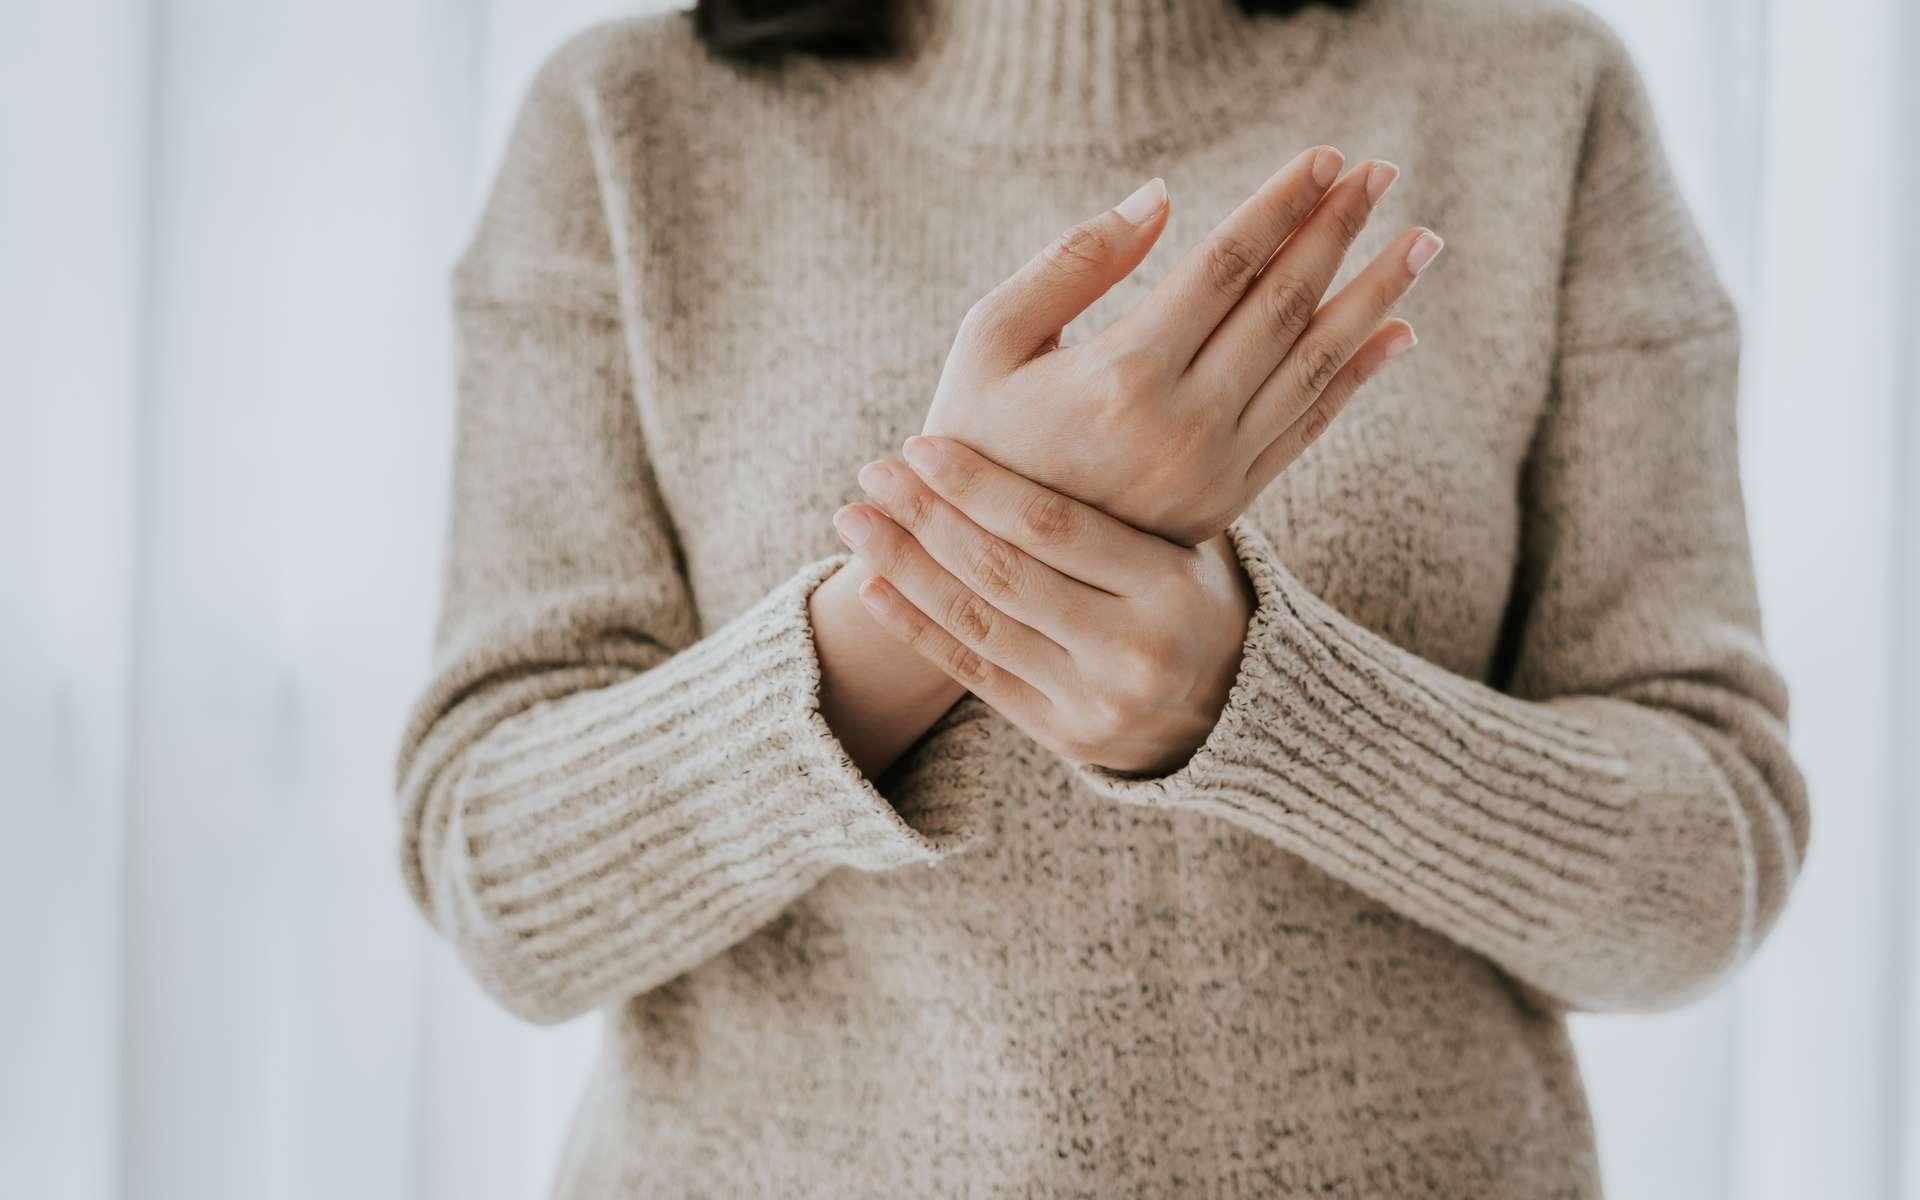 Découvrez des conseils simples et efficaces à prendre en compte pour soulager l'inflammation des articulations © interstid, Adobe Stock